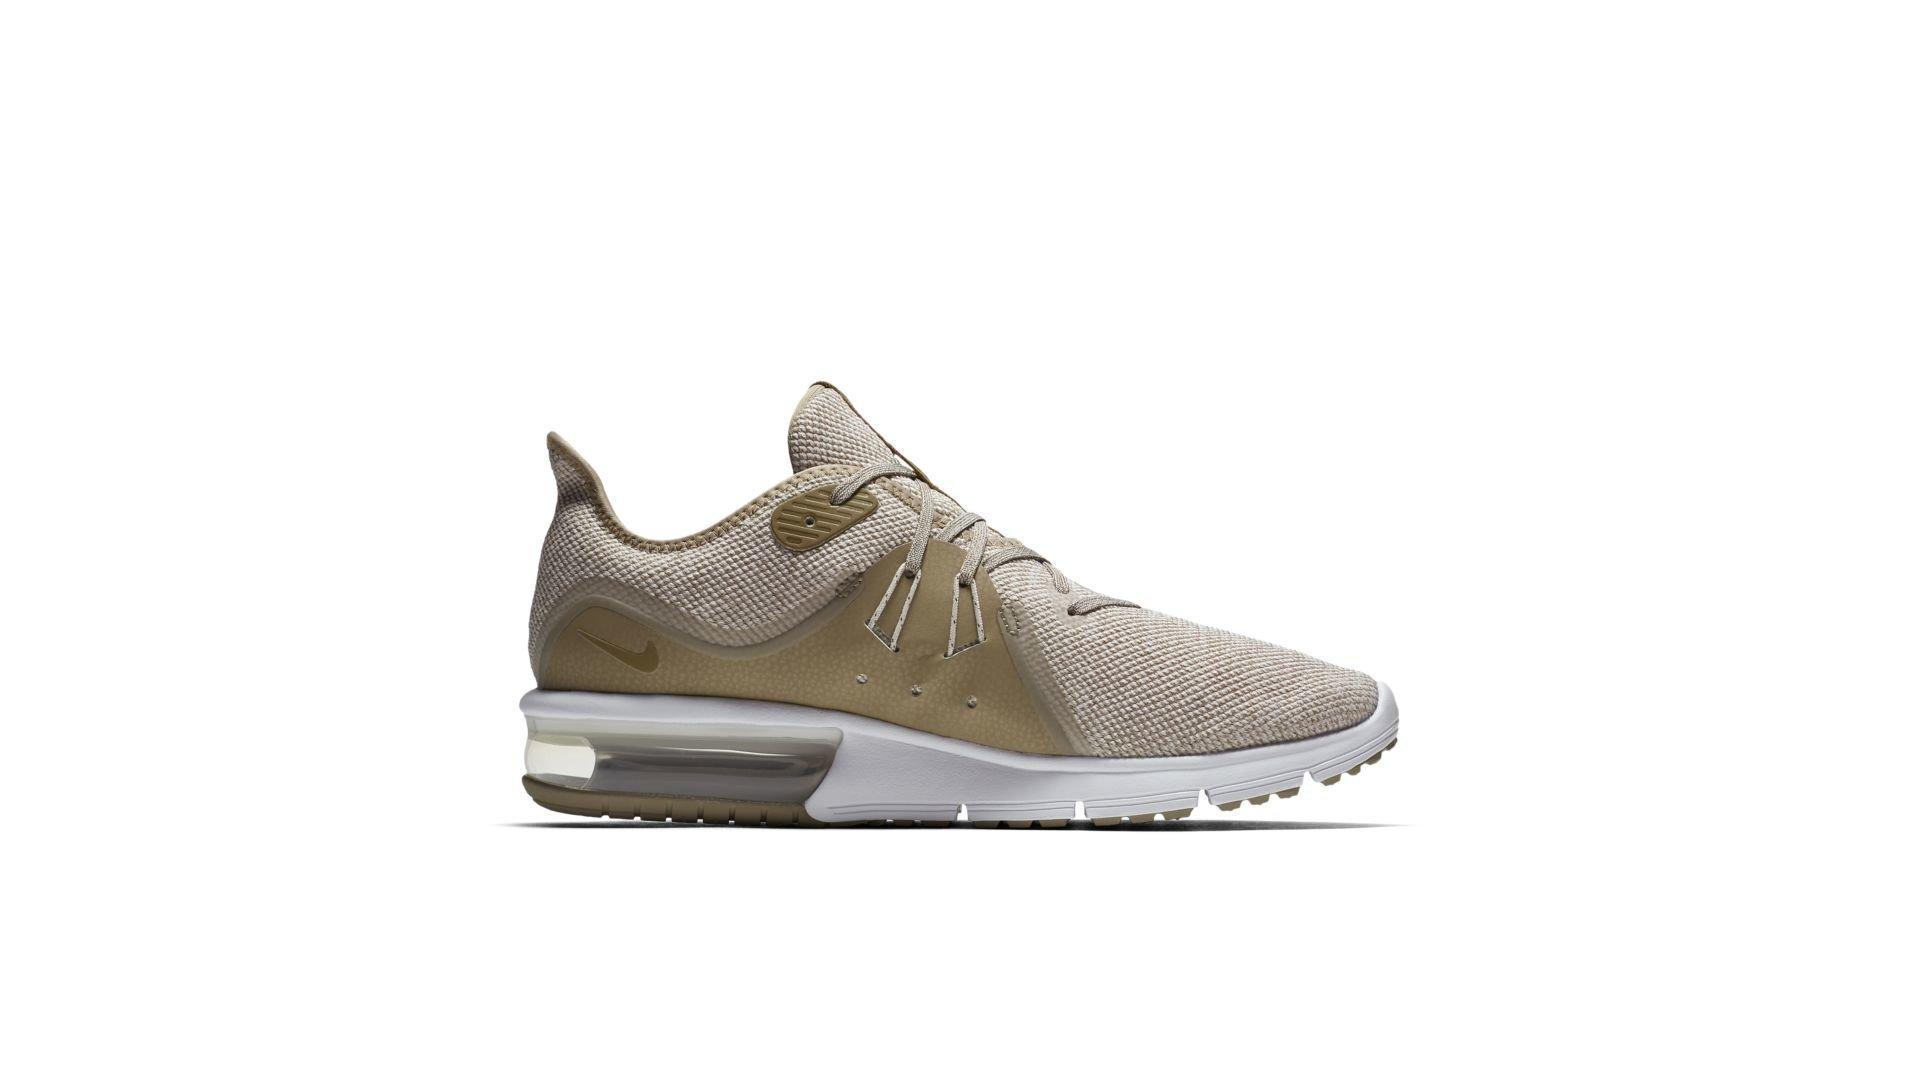 Nike Air Max Sequent 3 Desert Sand (921694 014)